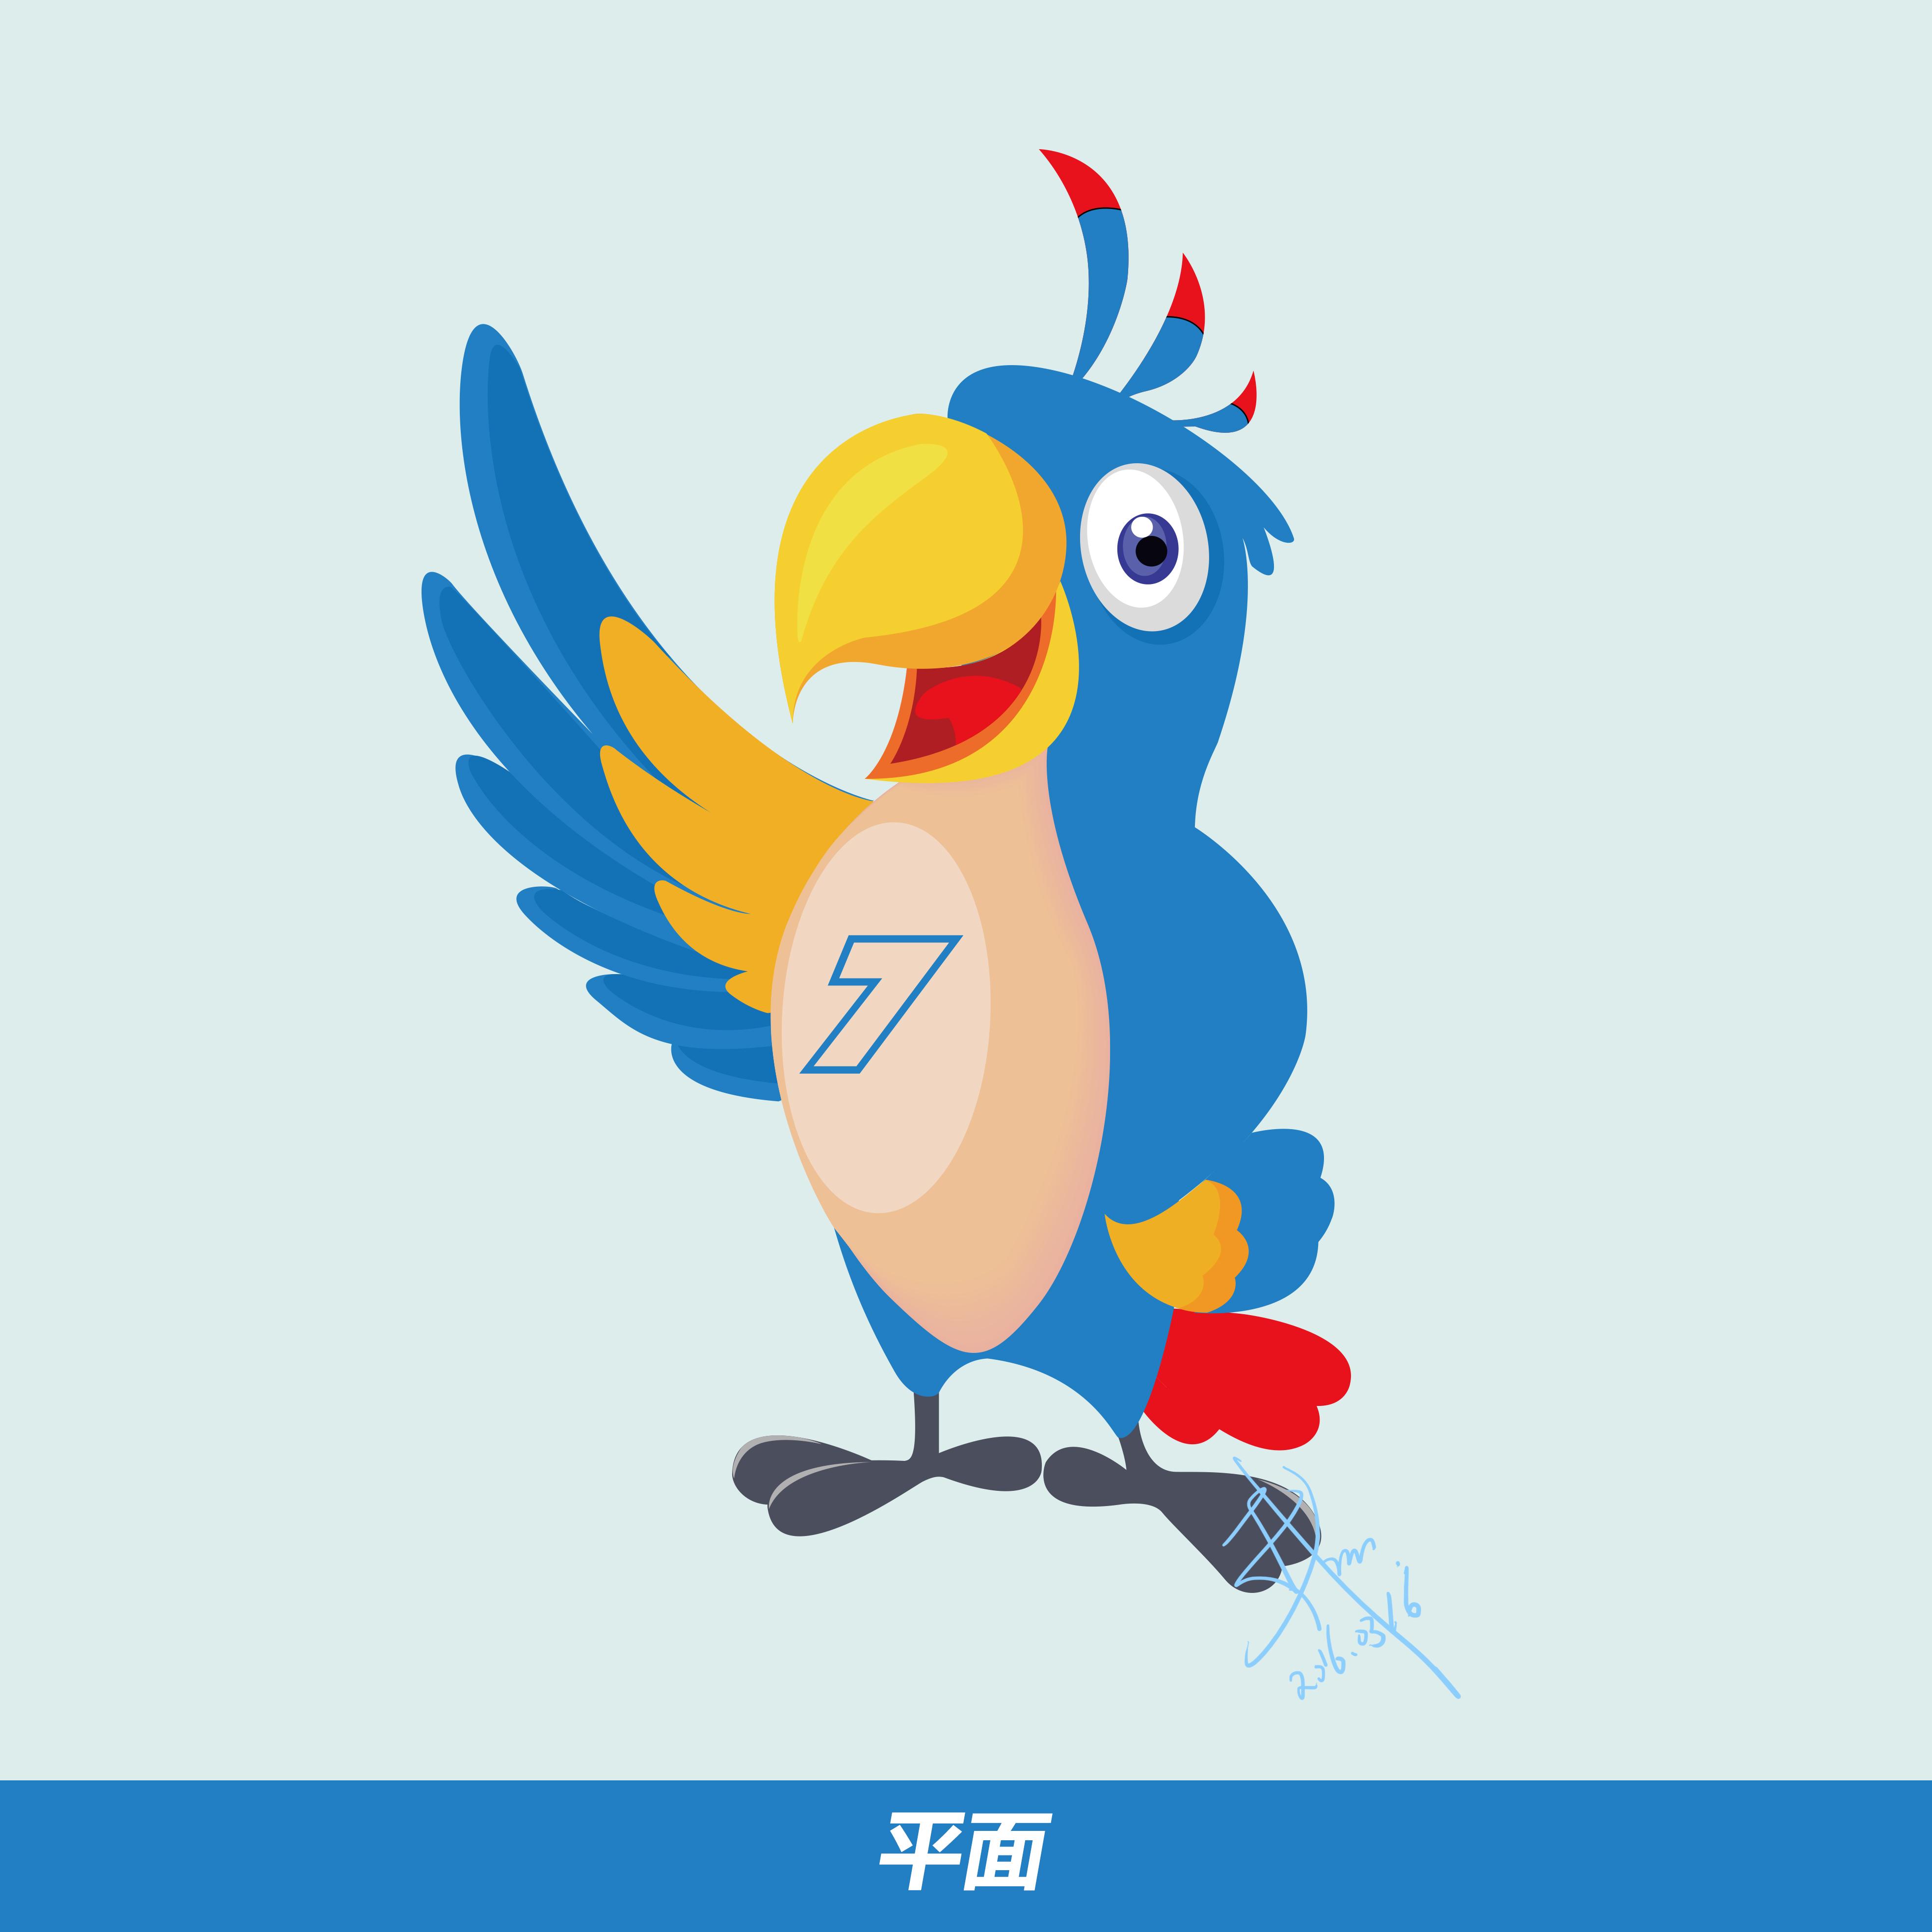 手绘鹦鹉(小七)吉祥物 ai logo 字体设计